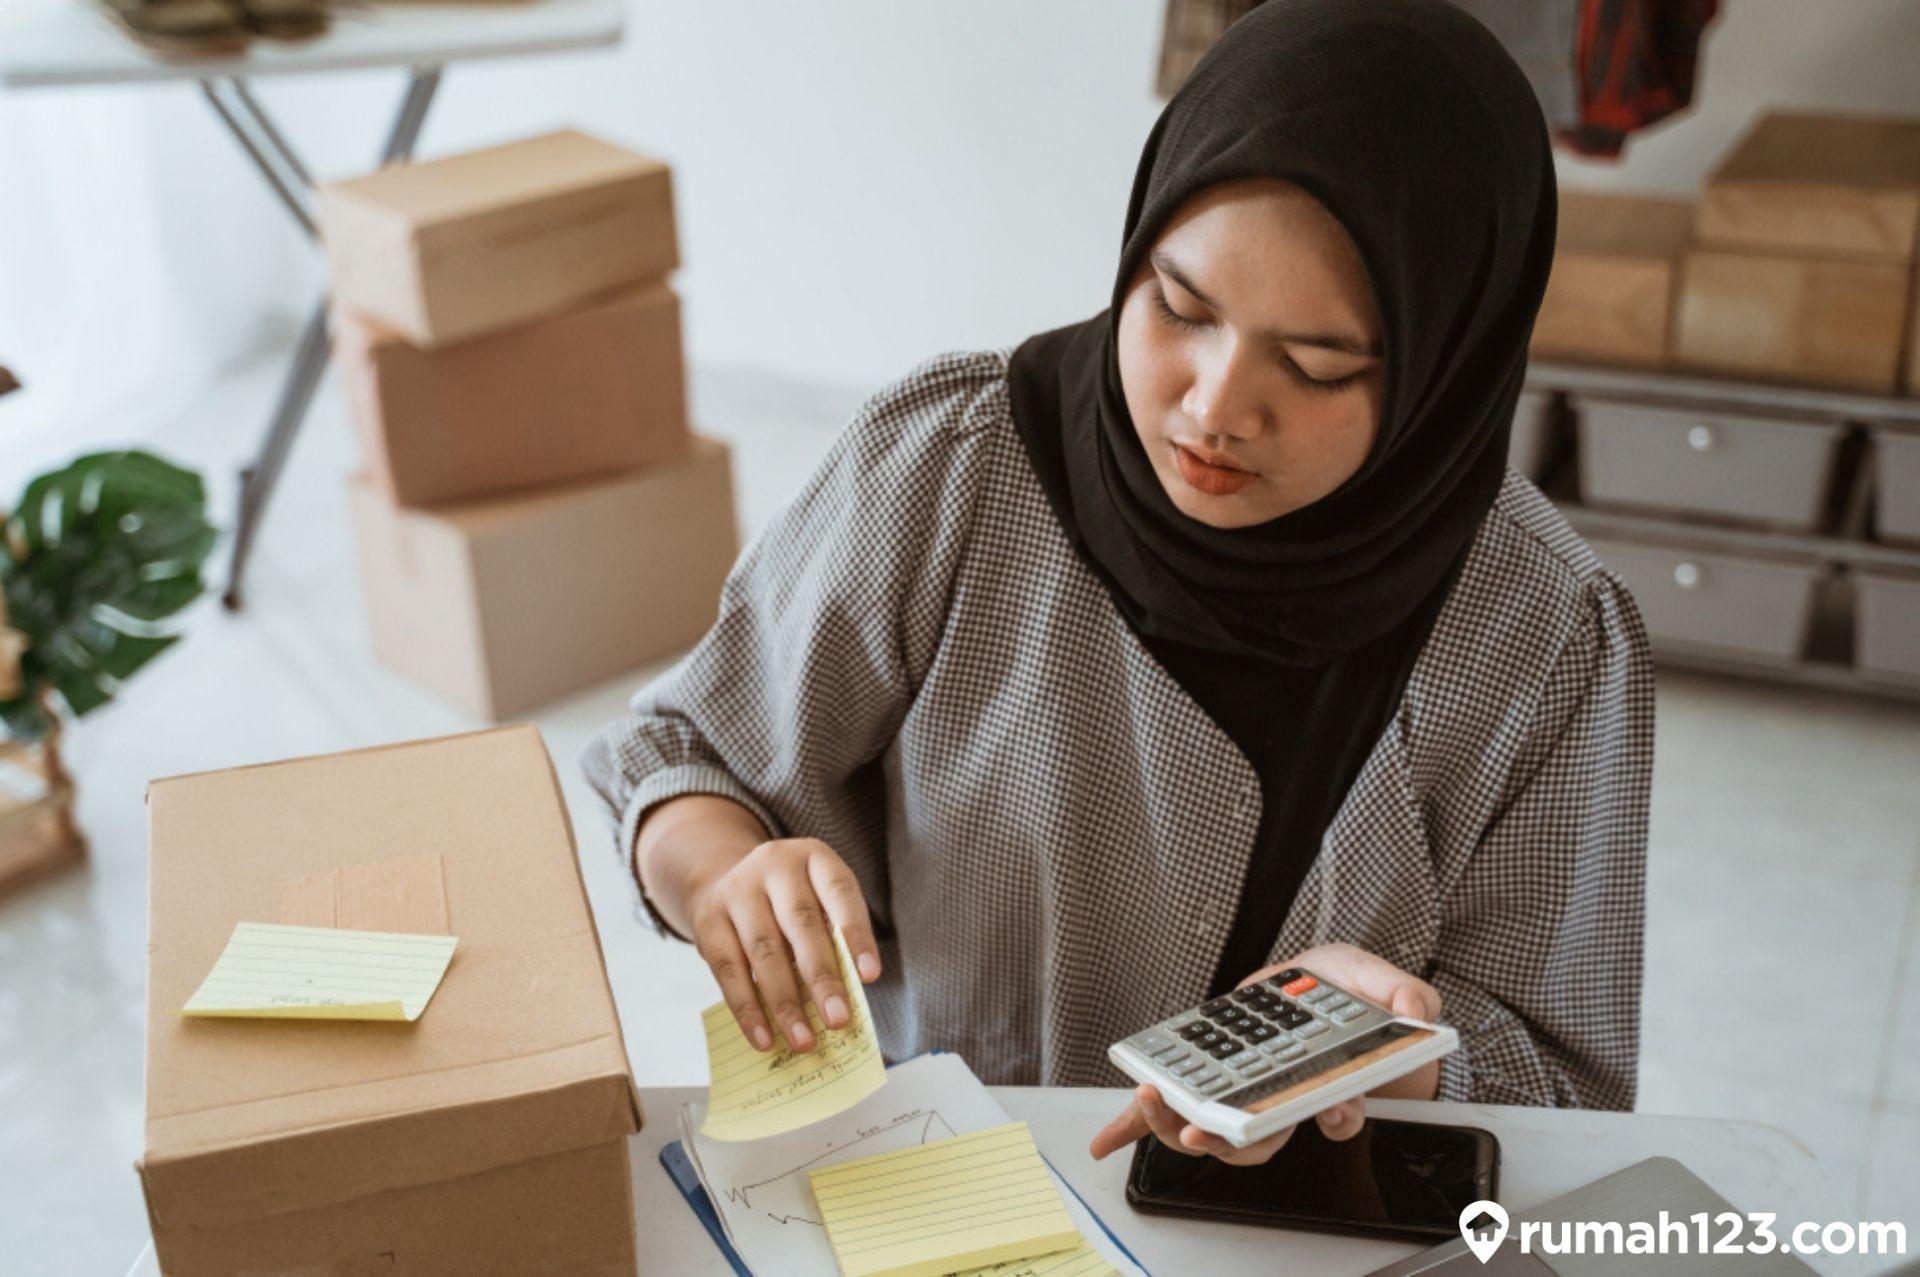 Tanpa Modal, Ini 10 Rekomendasi Bisnis Dropship Rumahan ...